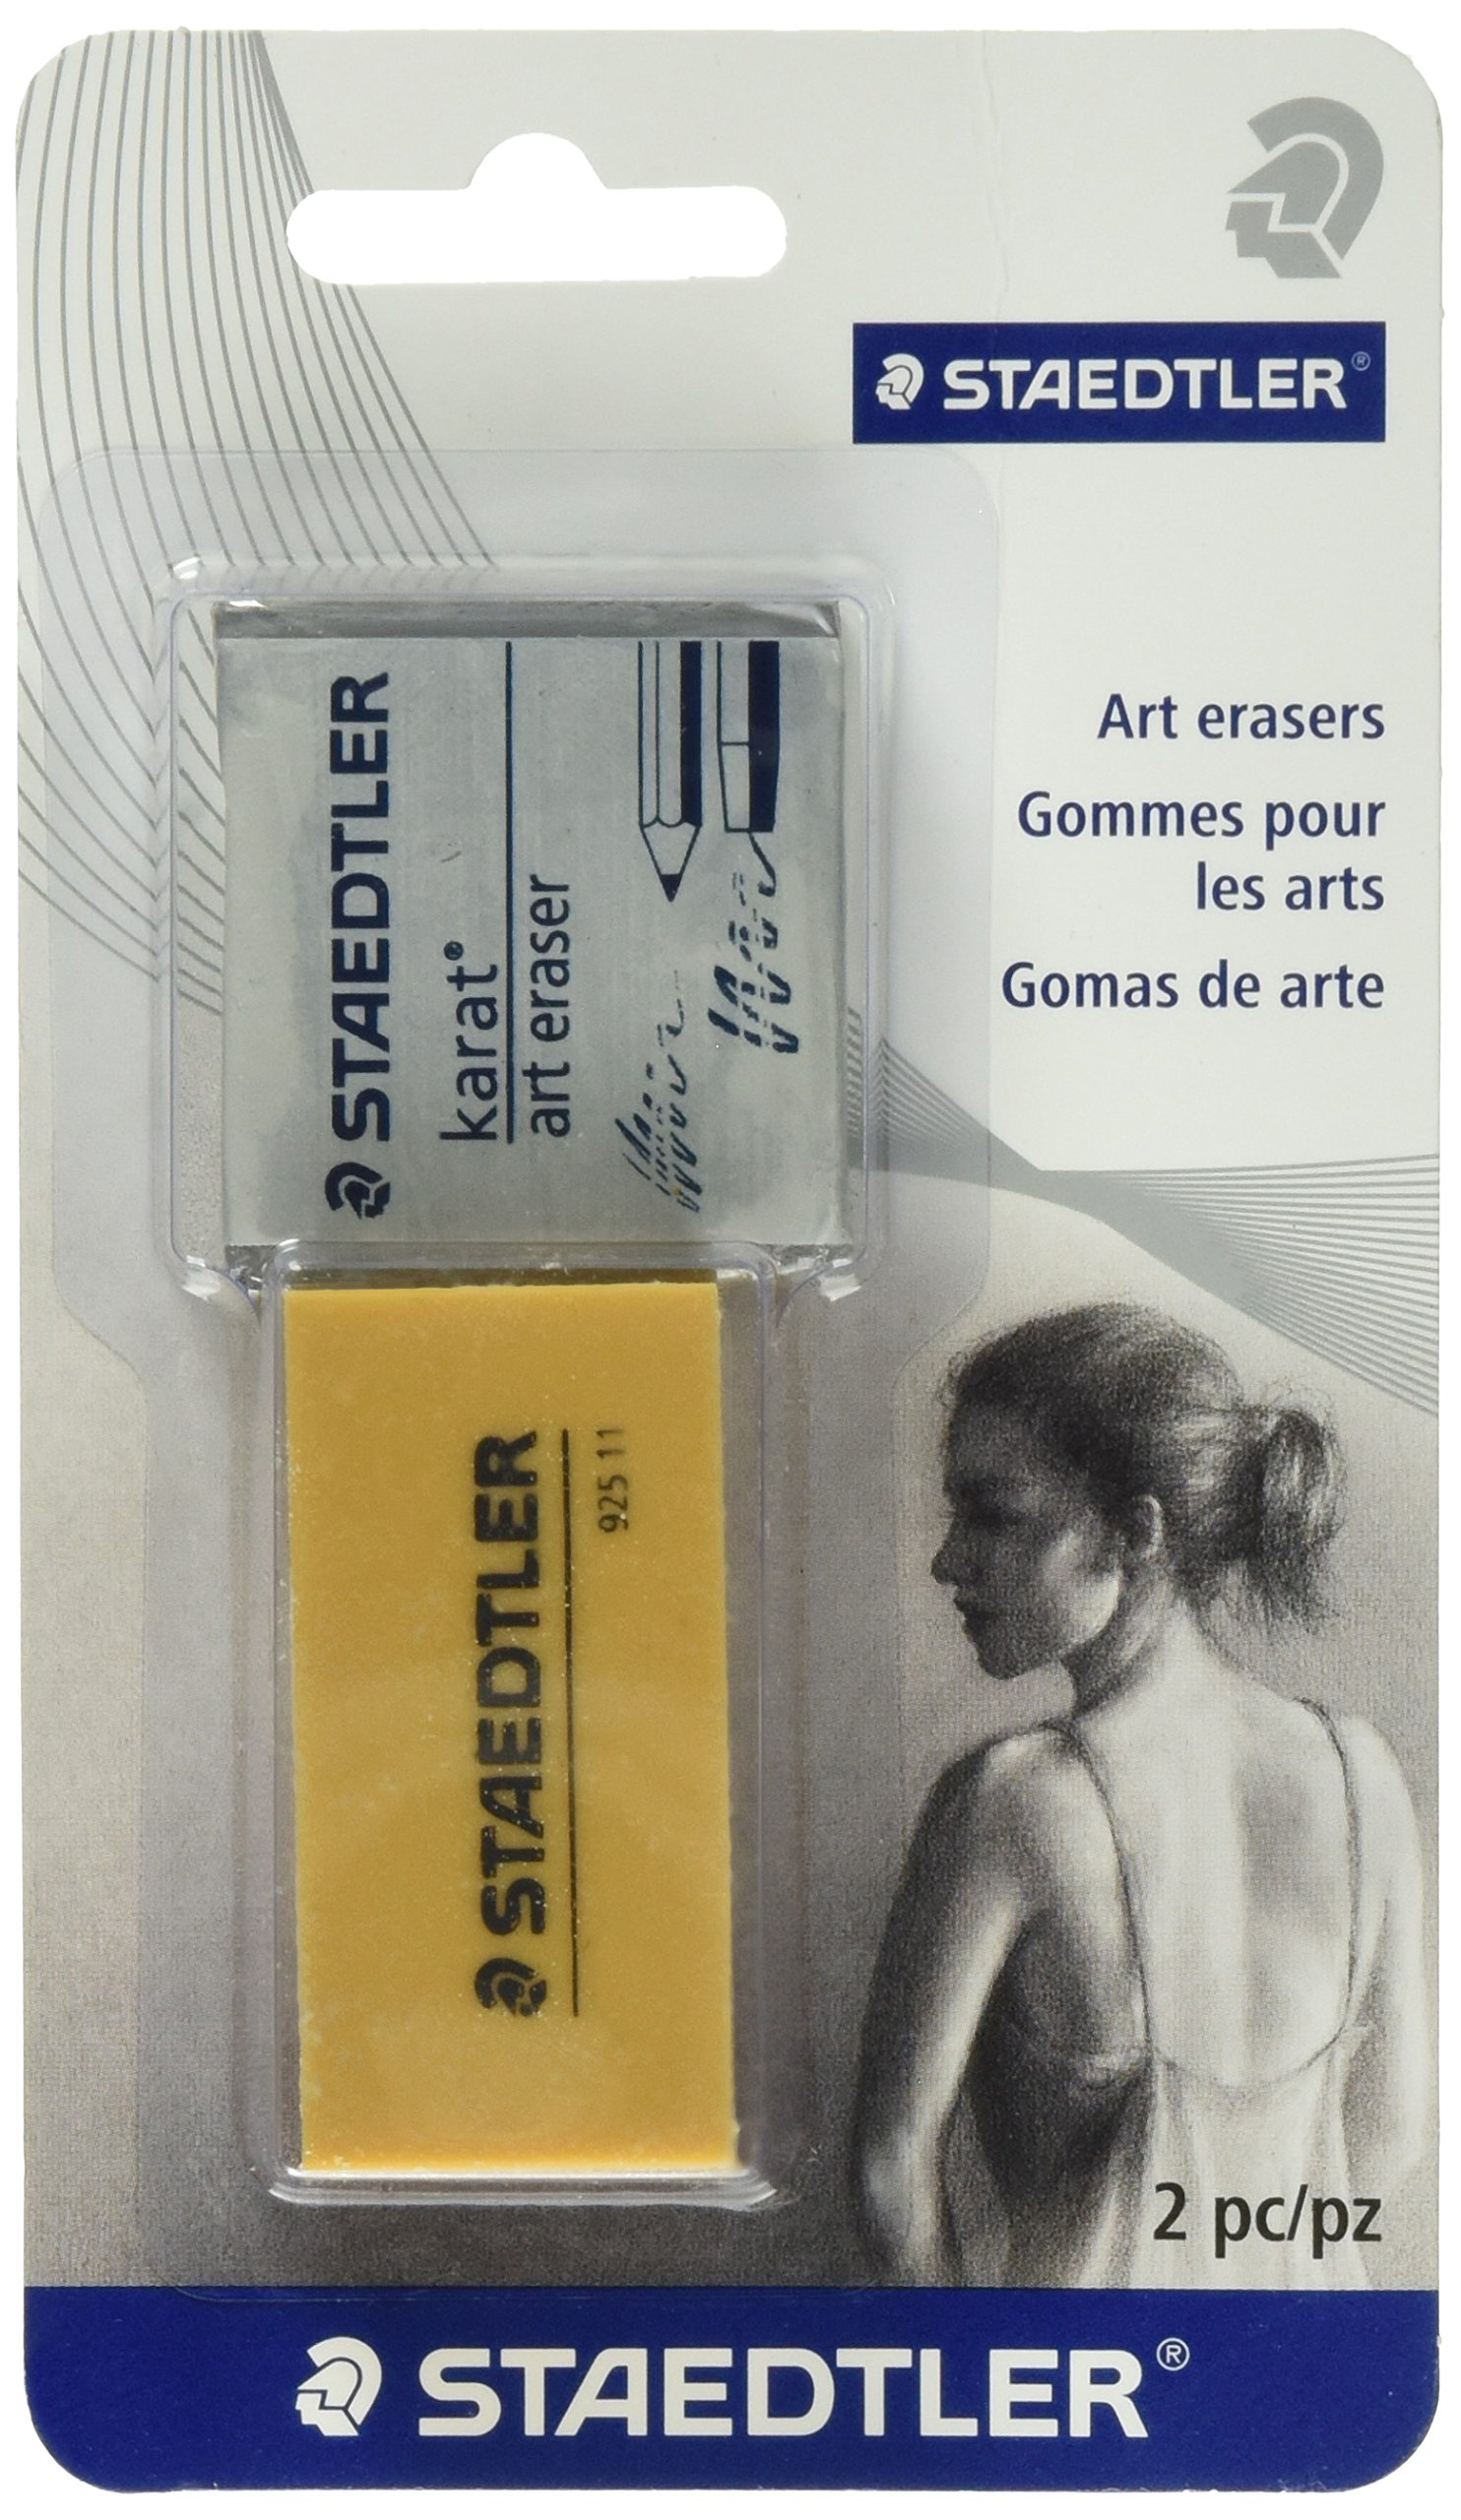 Staedtler art eraser (5427 BK2A6 NA)